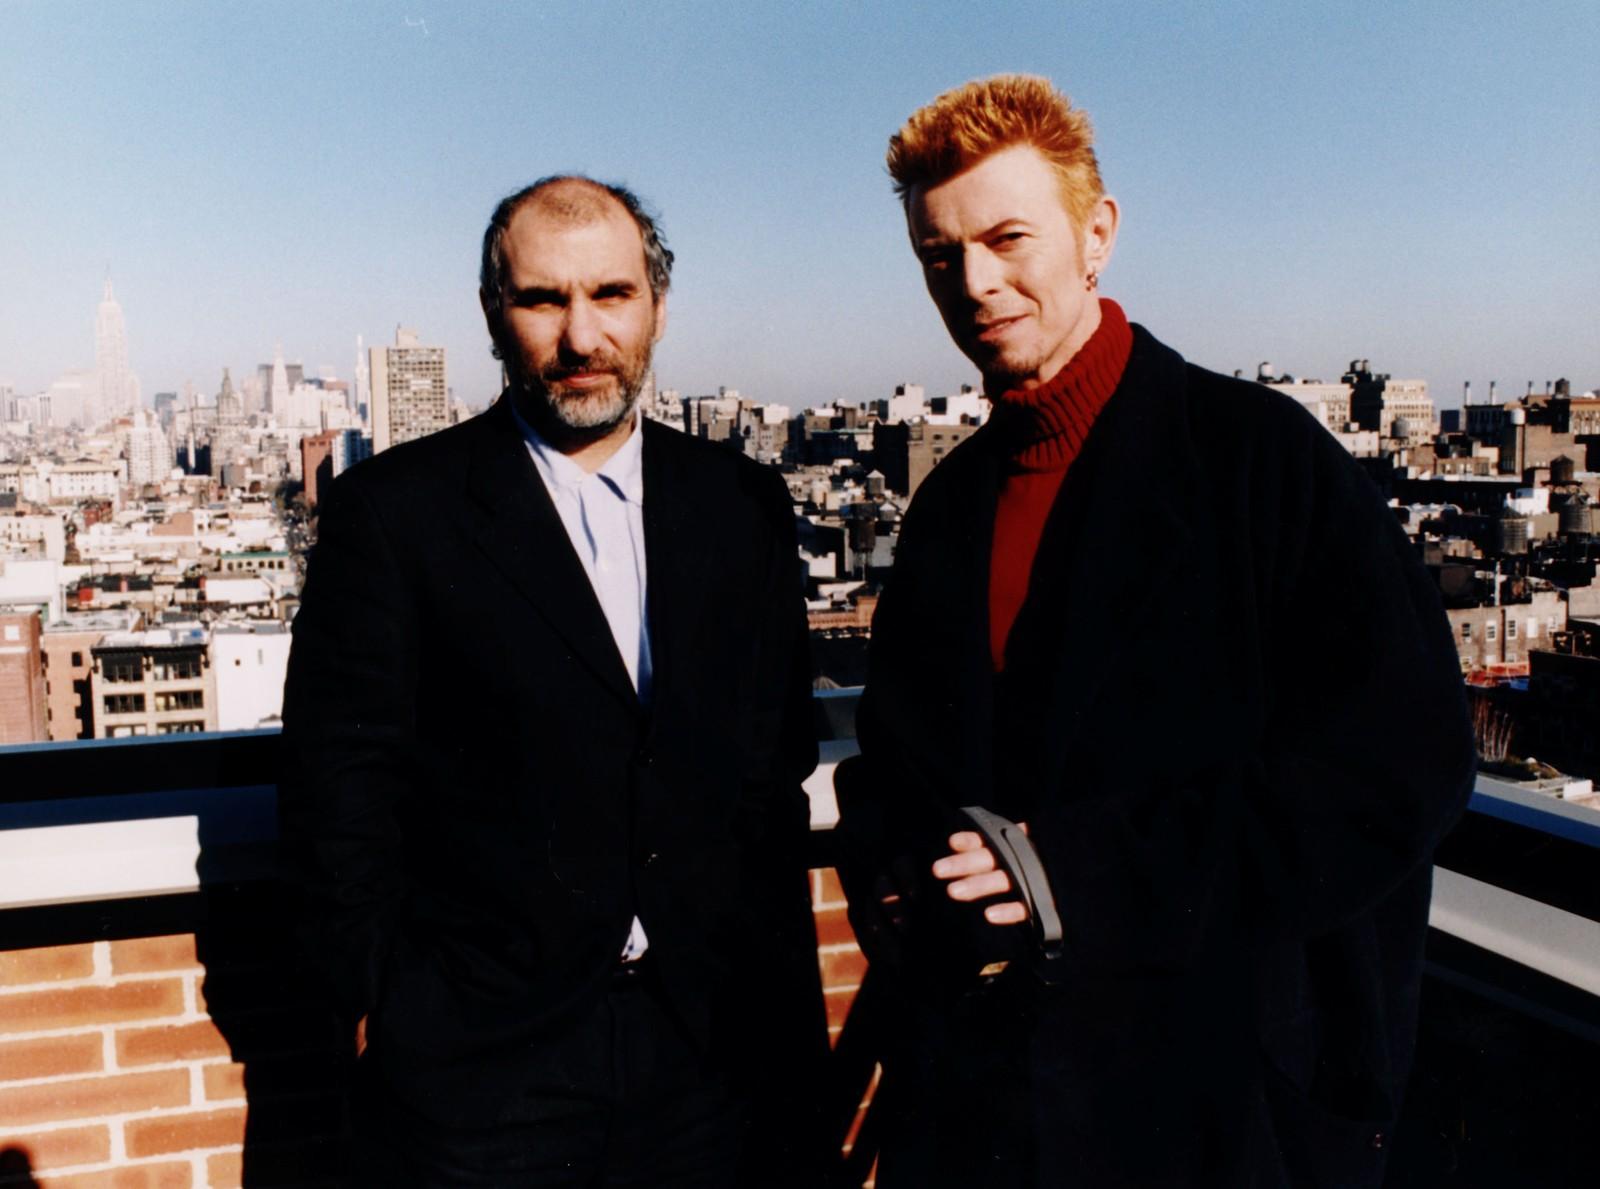 """Regissøren Alan Yentob (t.v.) sto bak den klassiske rockedokumentar """"Cracked Actor"""" fra David Bowies """"Diamond Dogs""""-turné i 1974. Den gangen var artisten tung kokainmisbruker og samtidig intenst kreativ. I en dokumentar så Yentob tilbake på innspillingen."""